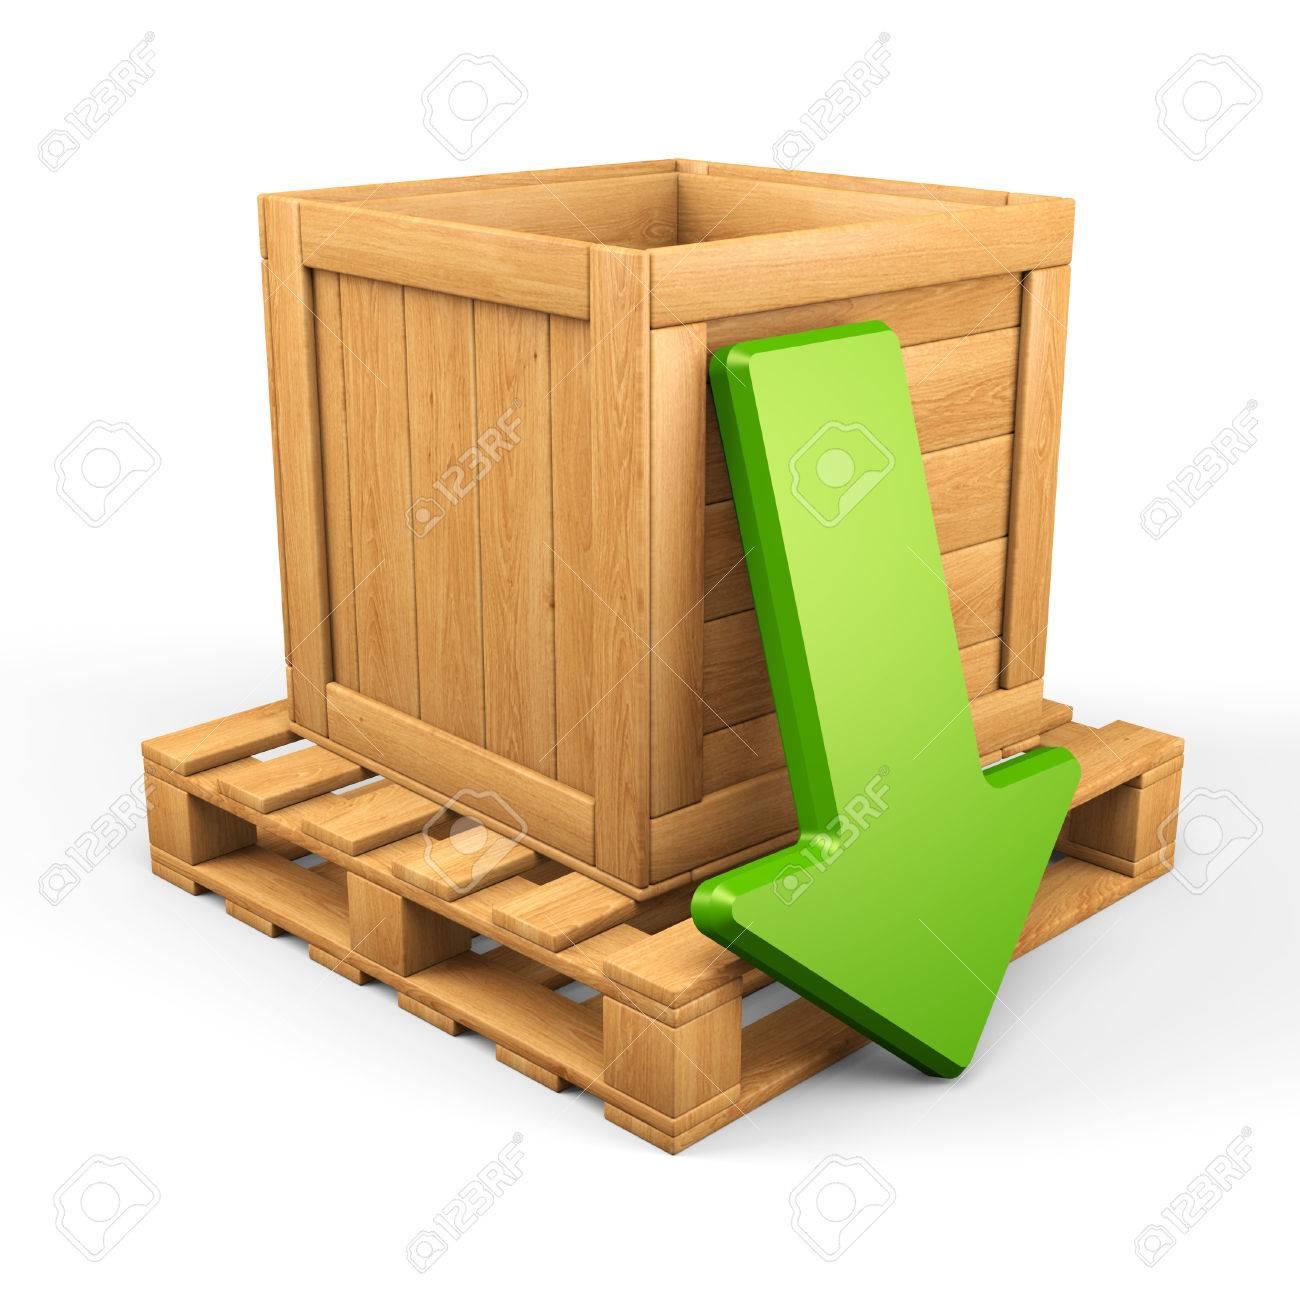 foto de archivo sube concepto de la caja de madera en el palet y la flecha verde aislado en blanco d ilustracin